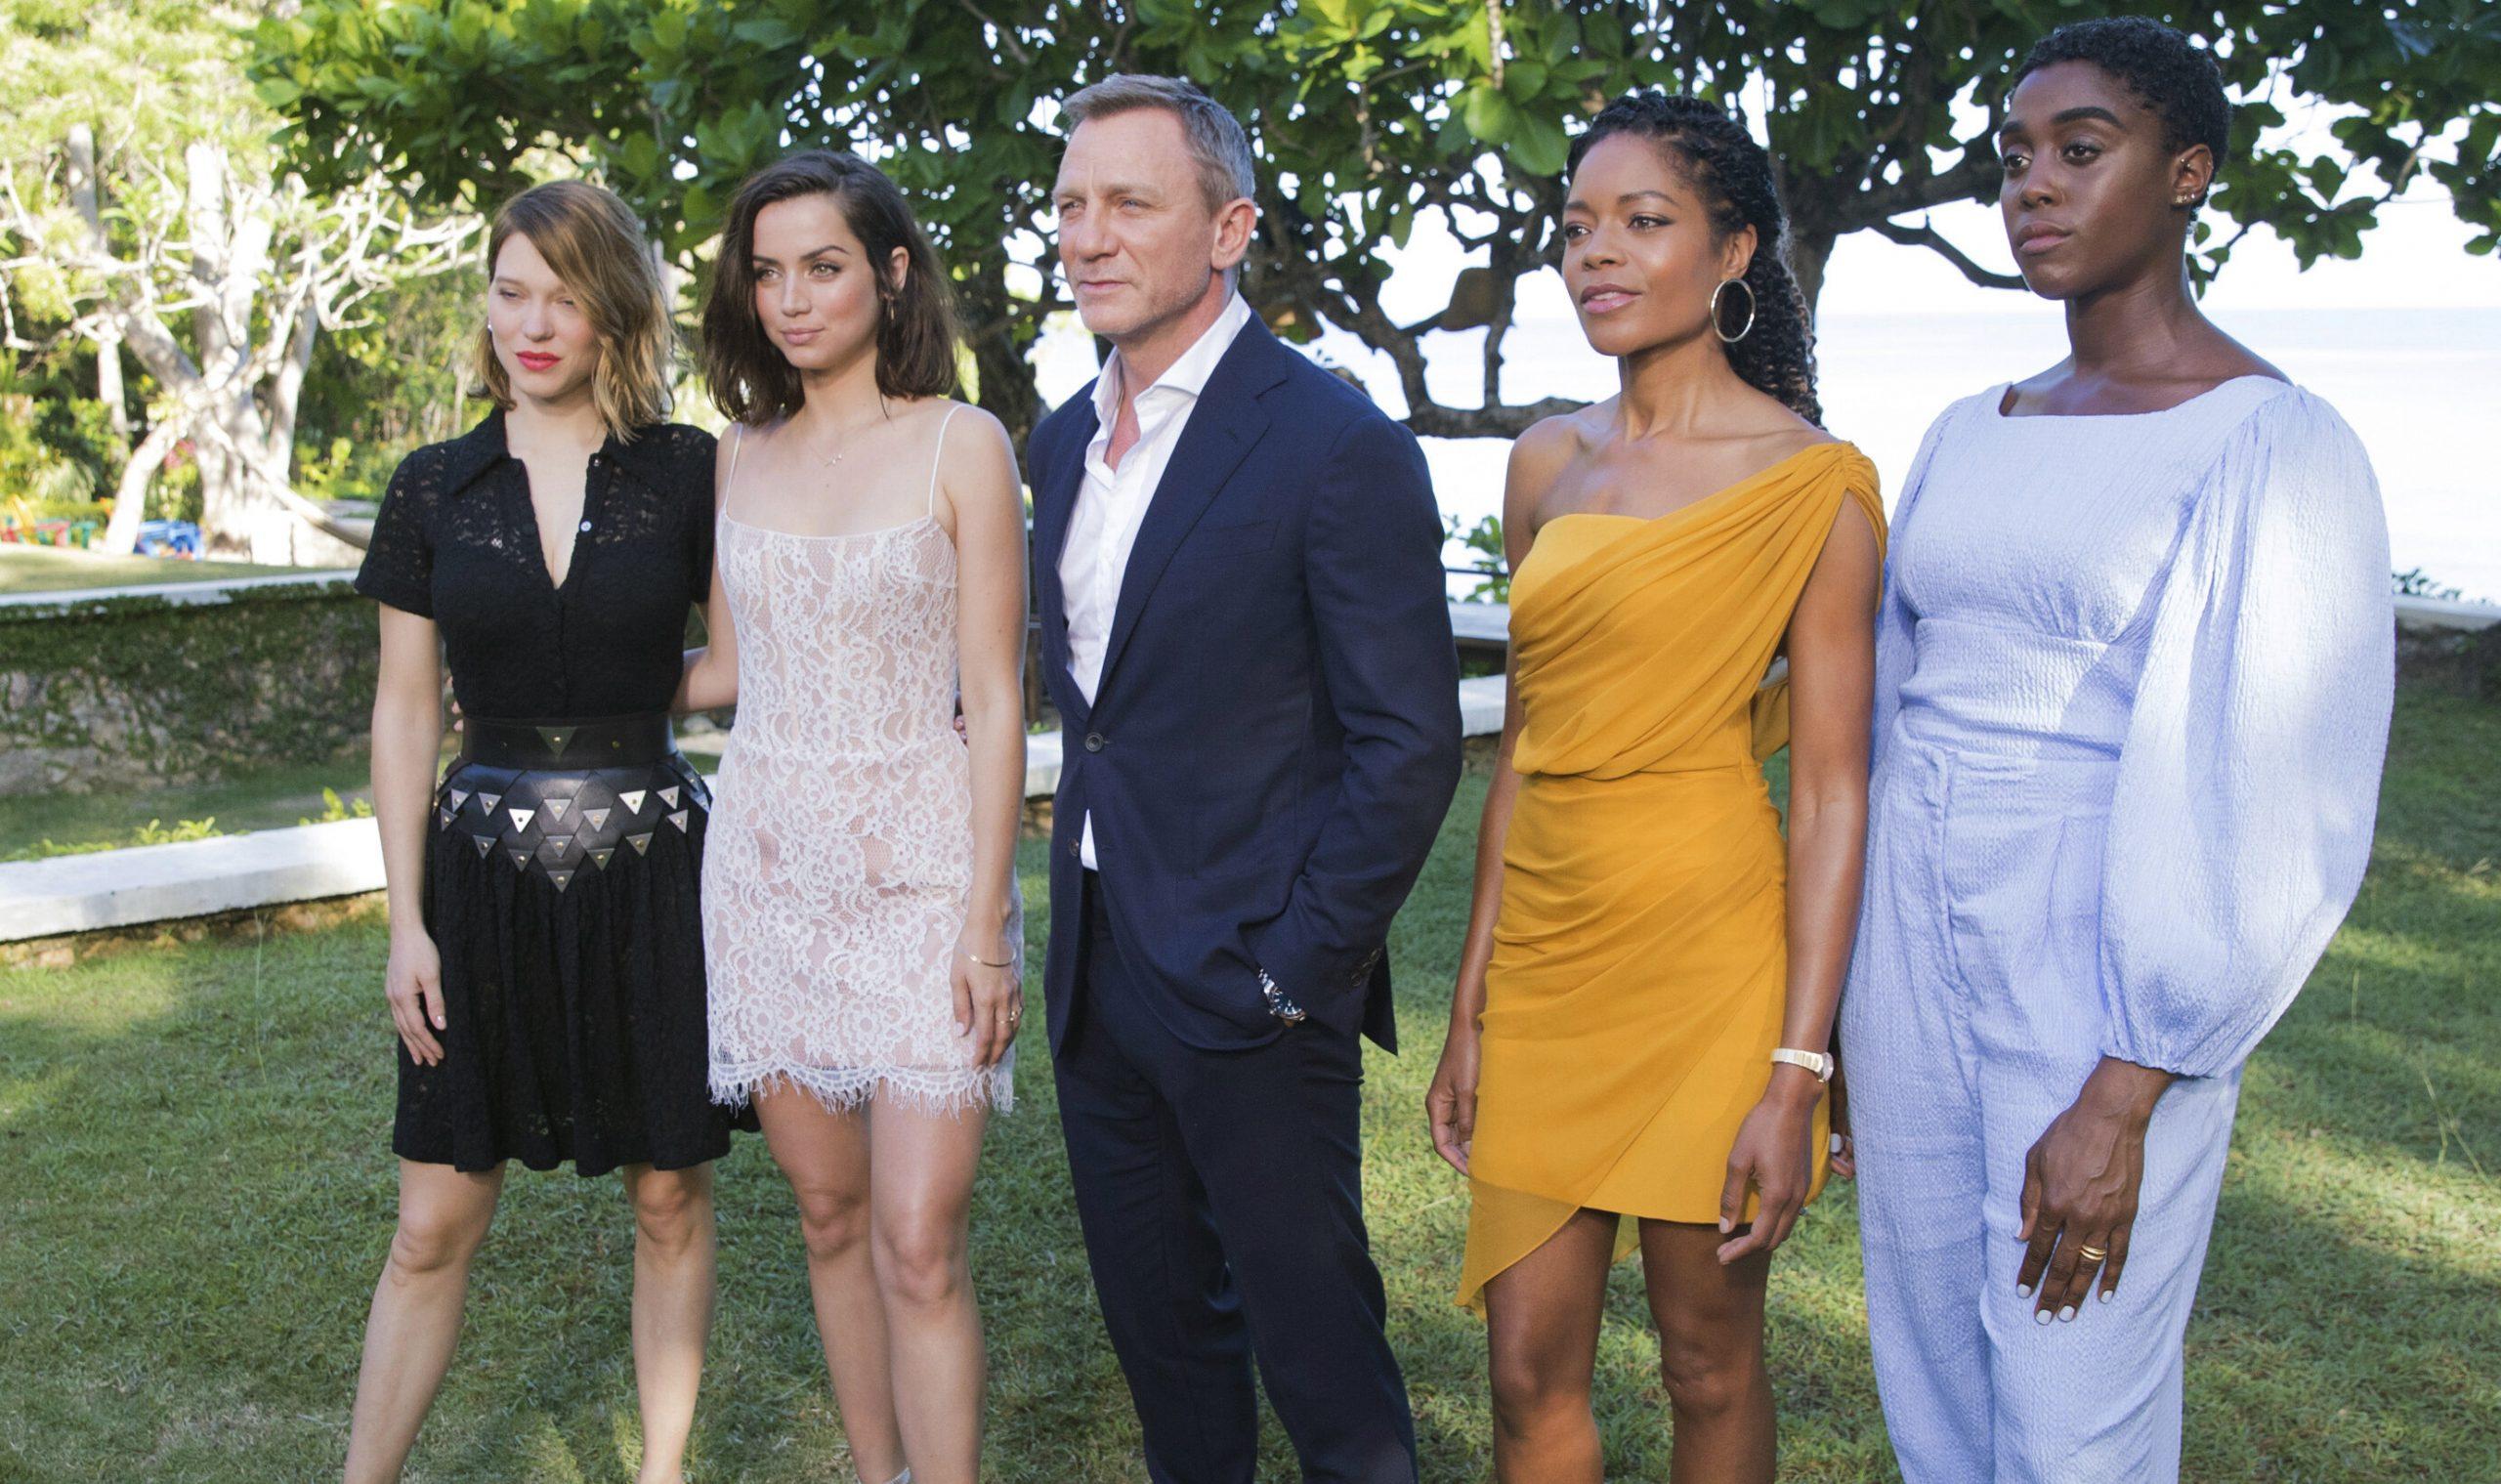 James Bond nu poate fi interpretat de o femeie, crede Daniel Craig